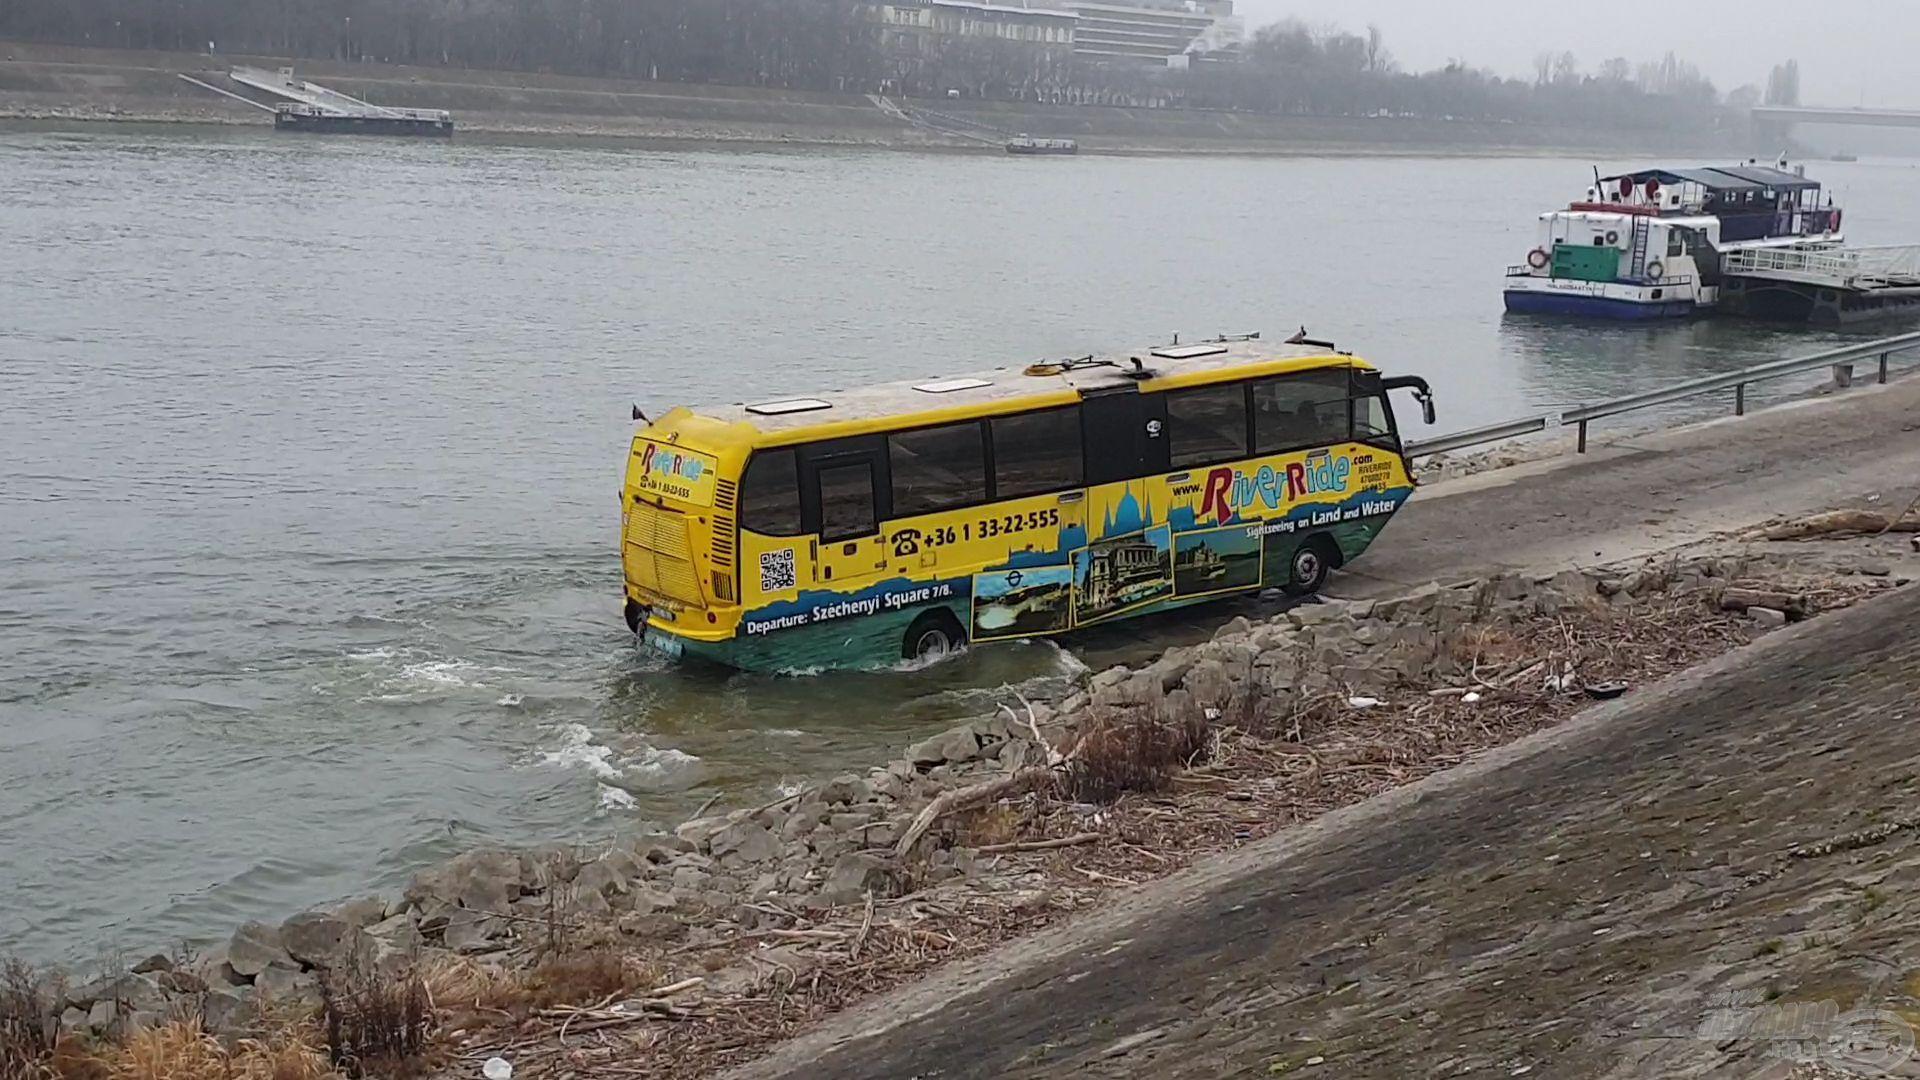 Egy későbbi fotón a River Ride, azaz a vízibusz, amint kilép a folyóból és a szárazföldön folytatja útját